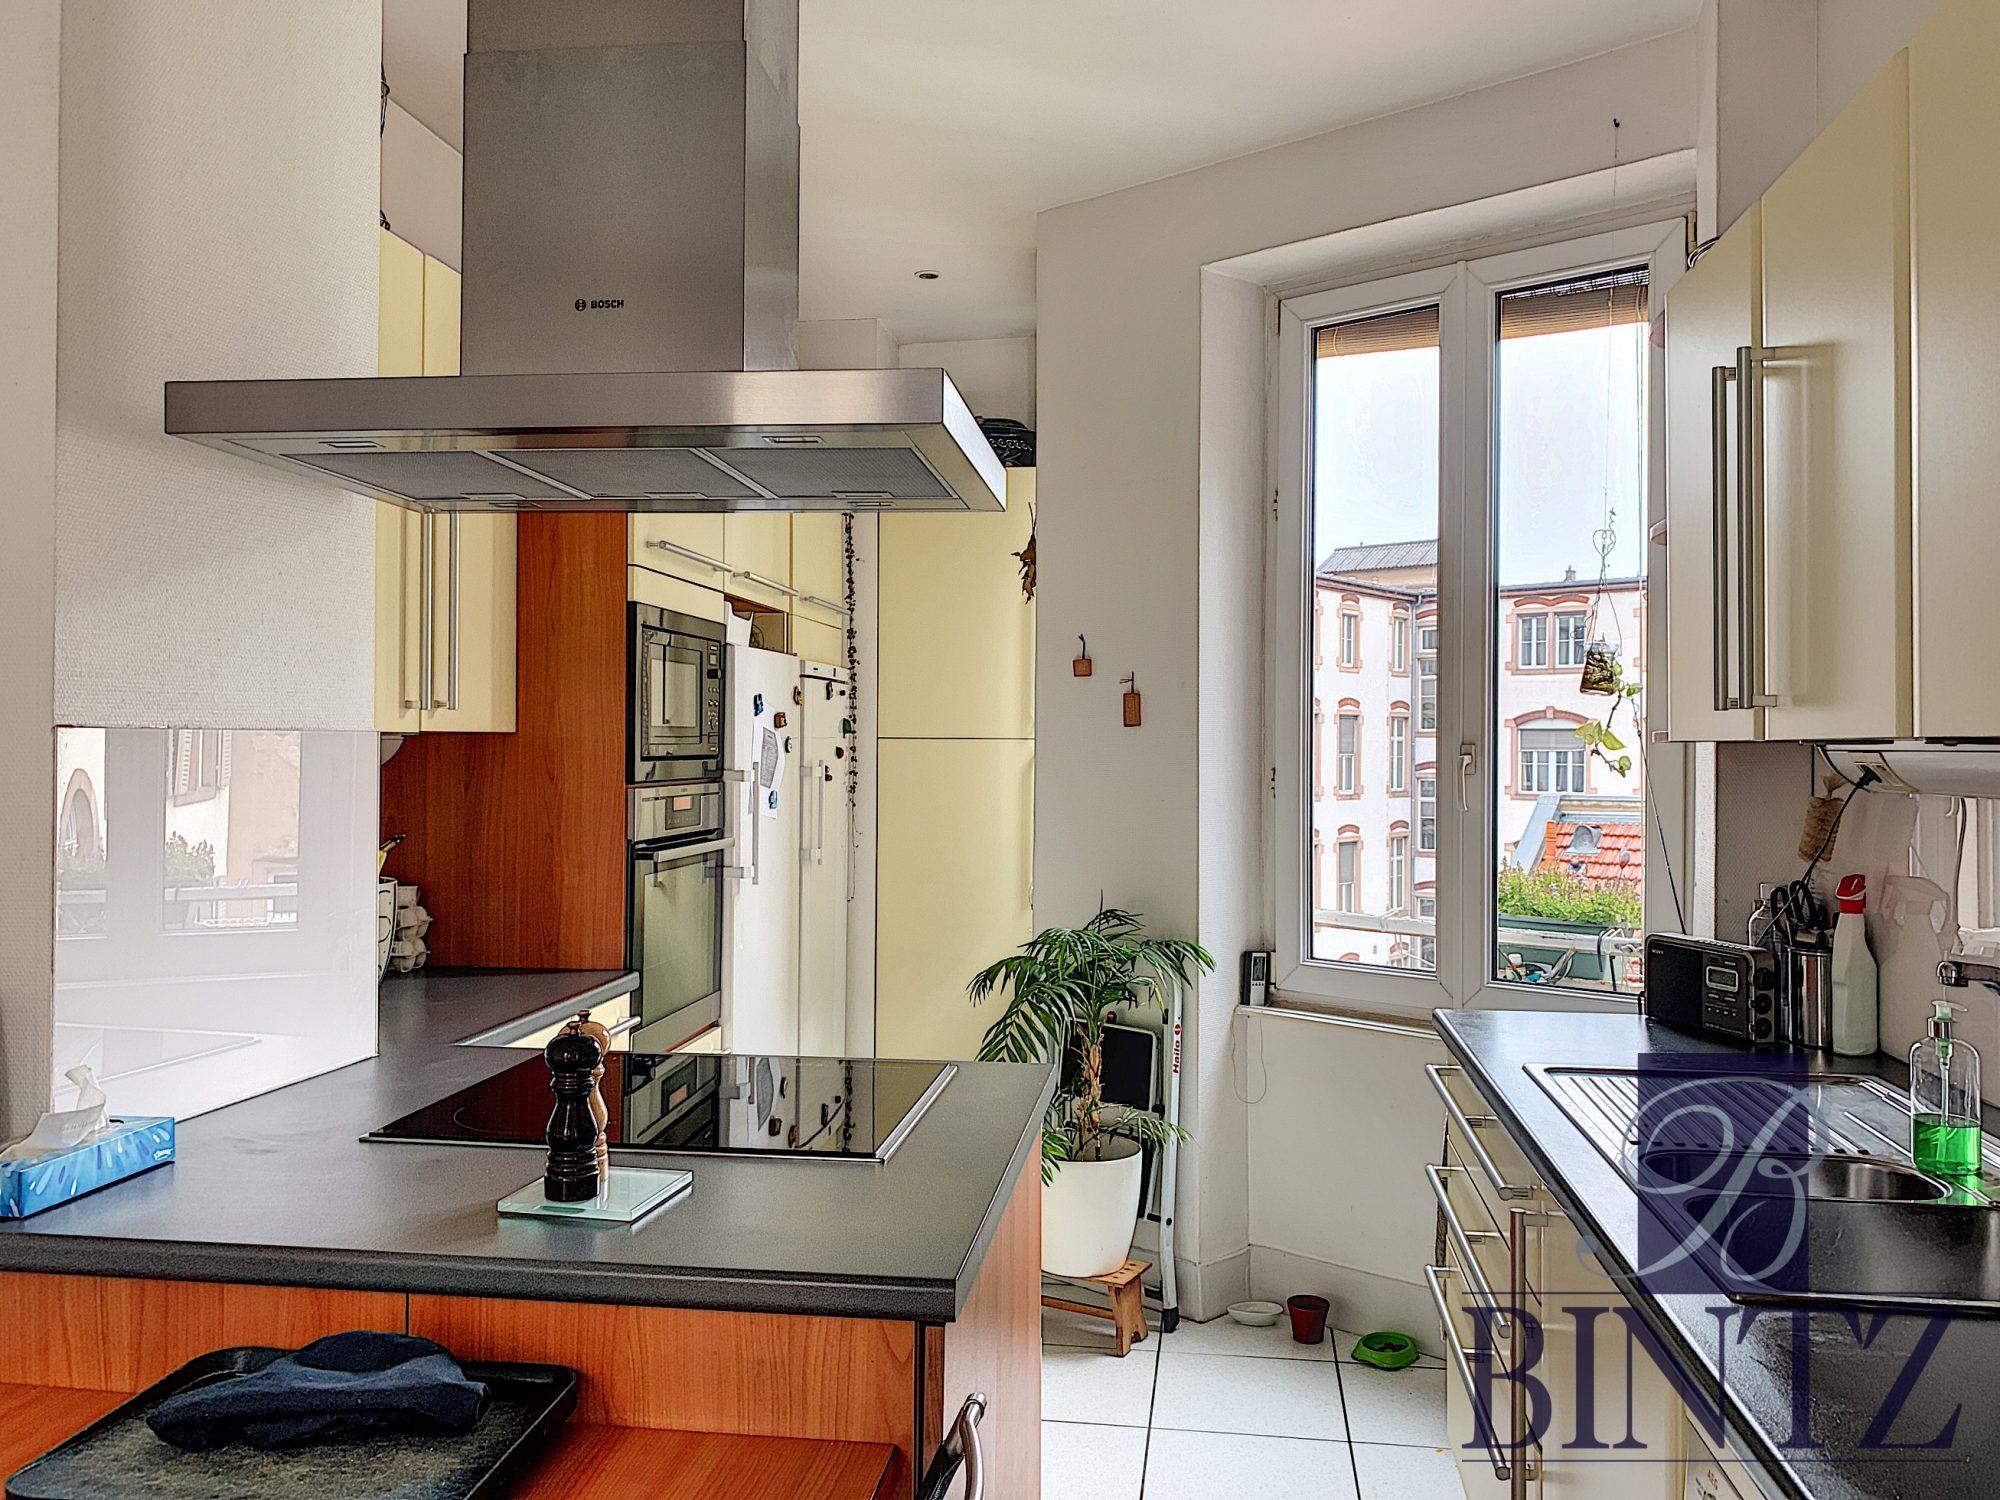 Ensemble de 2 appartements NEUSTADT - Devenez locataire en toute sérénité - Bintz Immobilier - 3